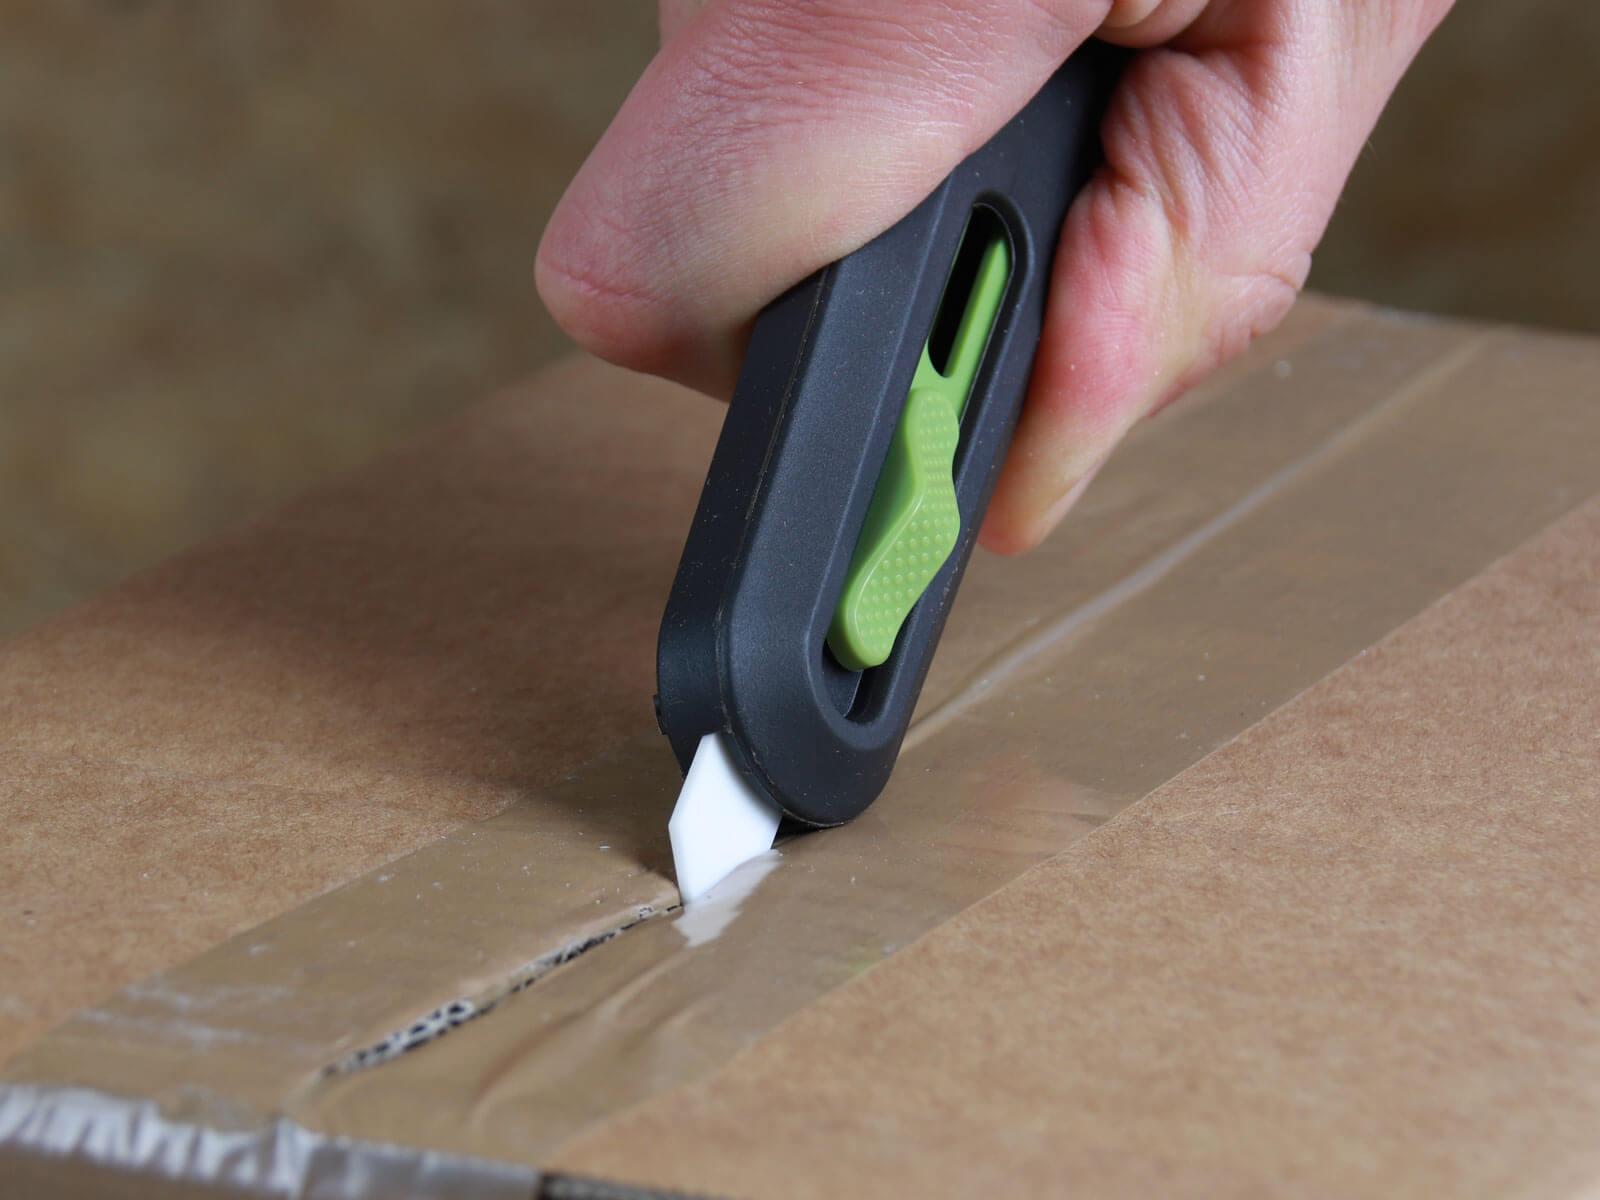 U10554 Keramik Sicherheitsmesser automatischer Klingenrückzug Klebeband schneiden CURT-tools